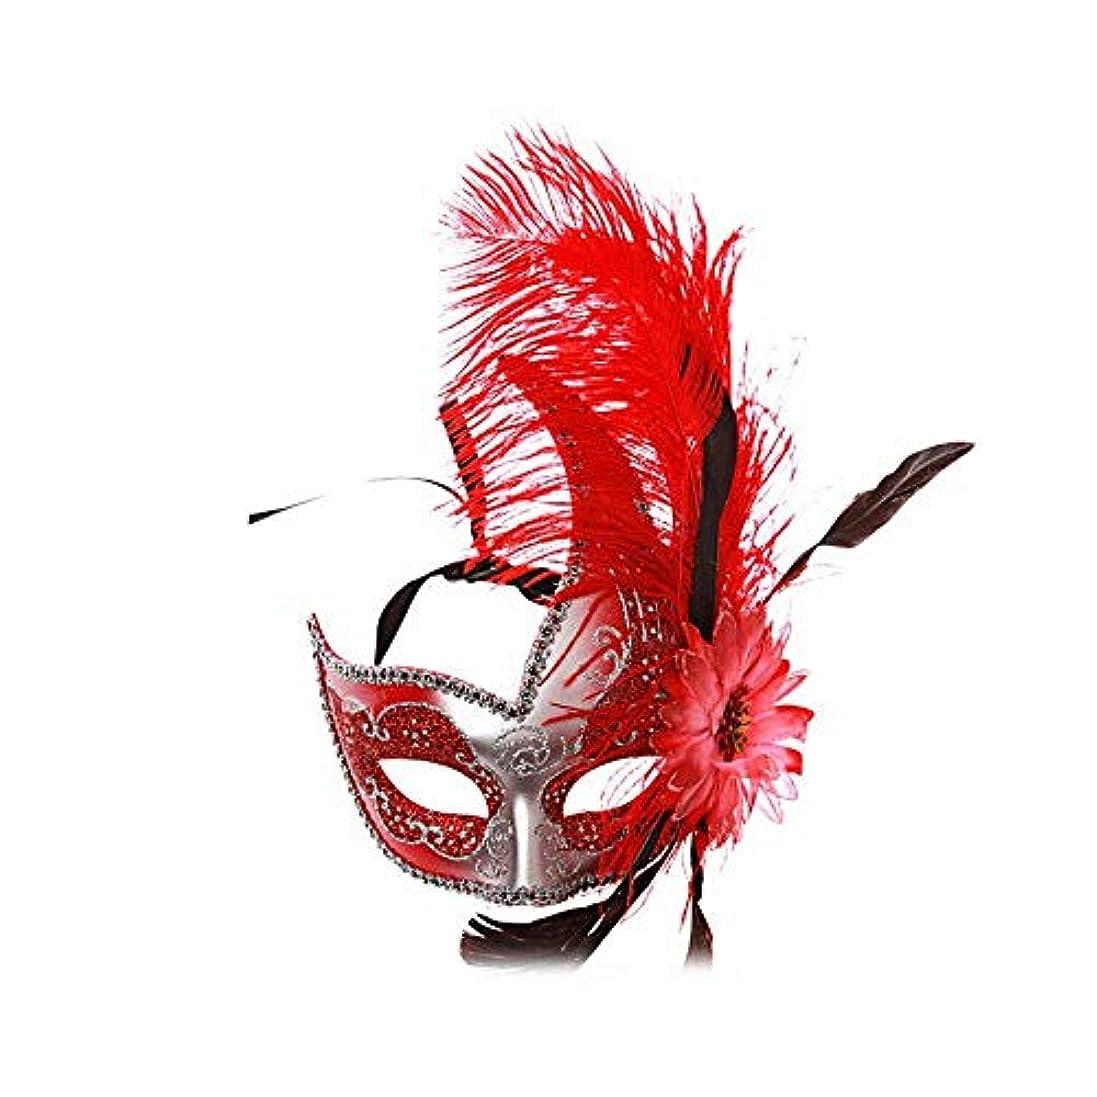 ドリンクあたりコースNanle ハロウィンマスクハーフフェザーマスクベニスプリンセスマスク美容レース仮面ライダーコスプレ (色 : Style B red)